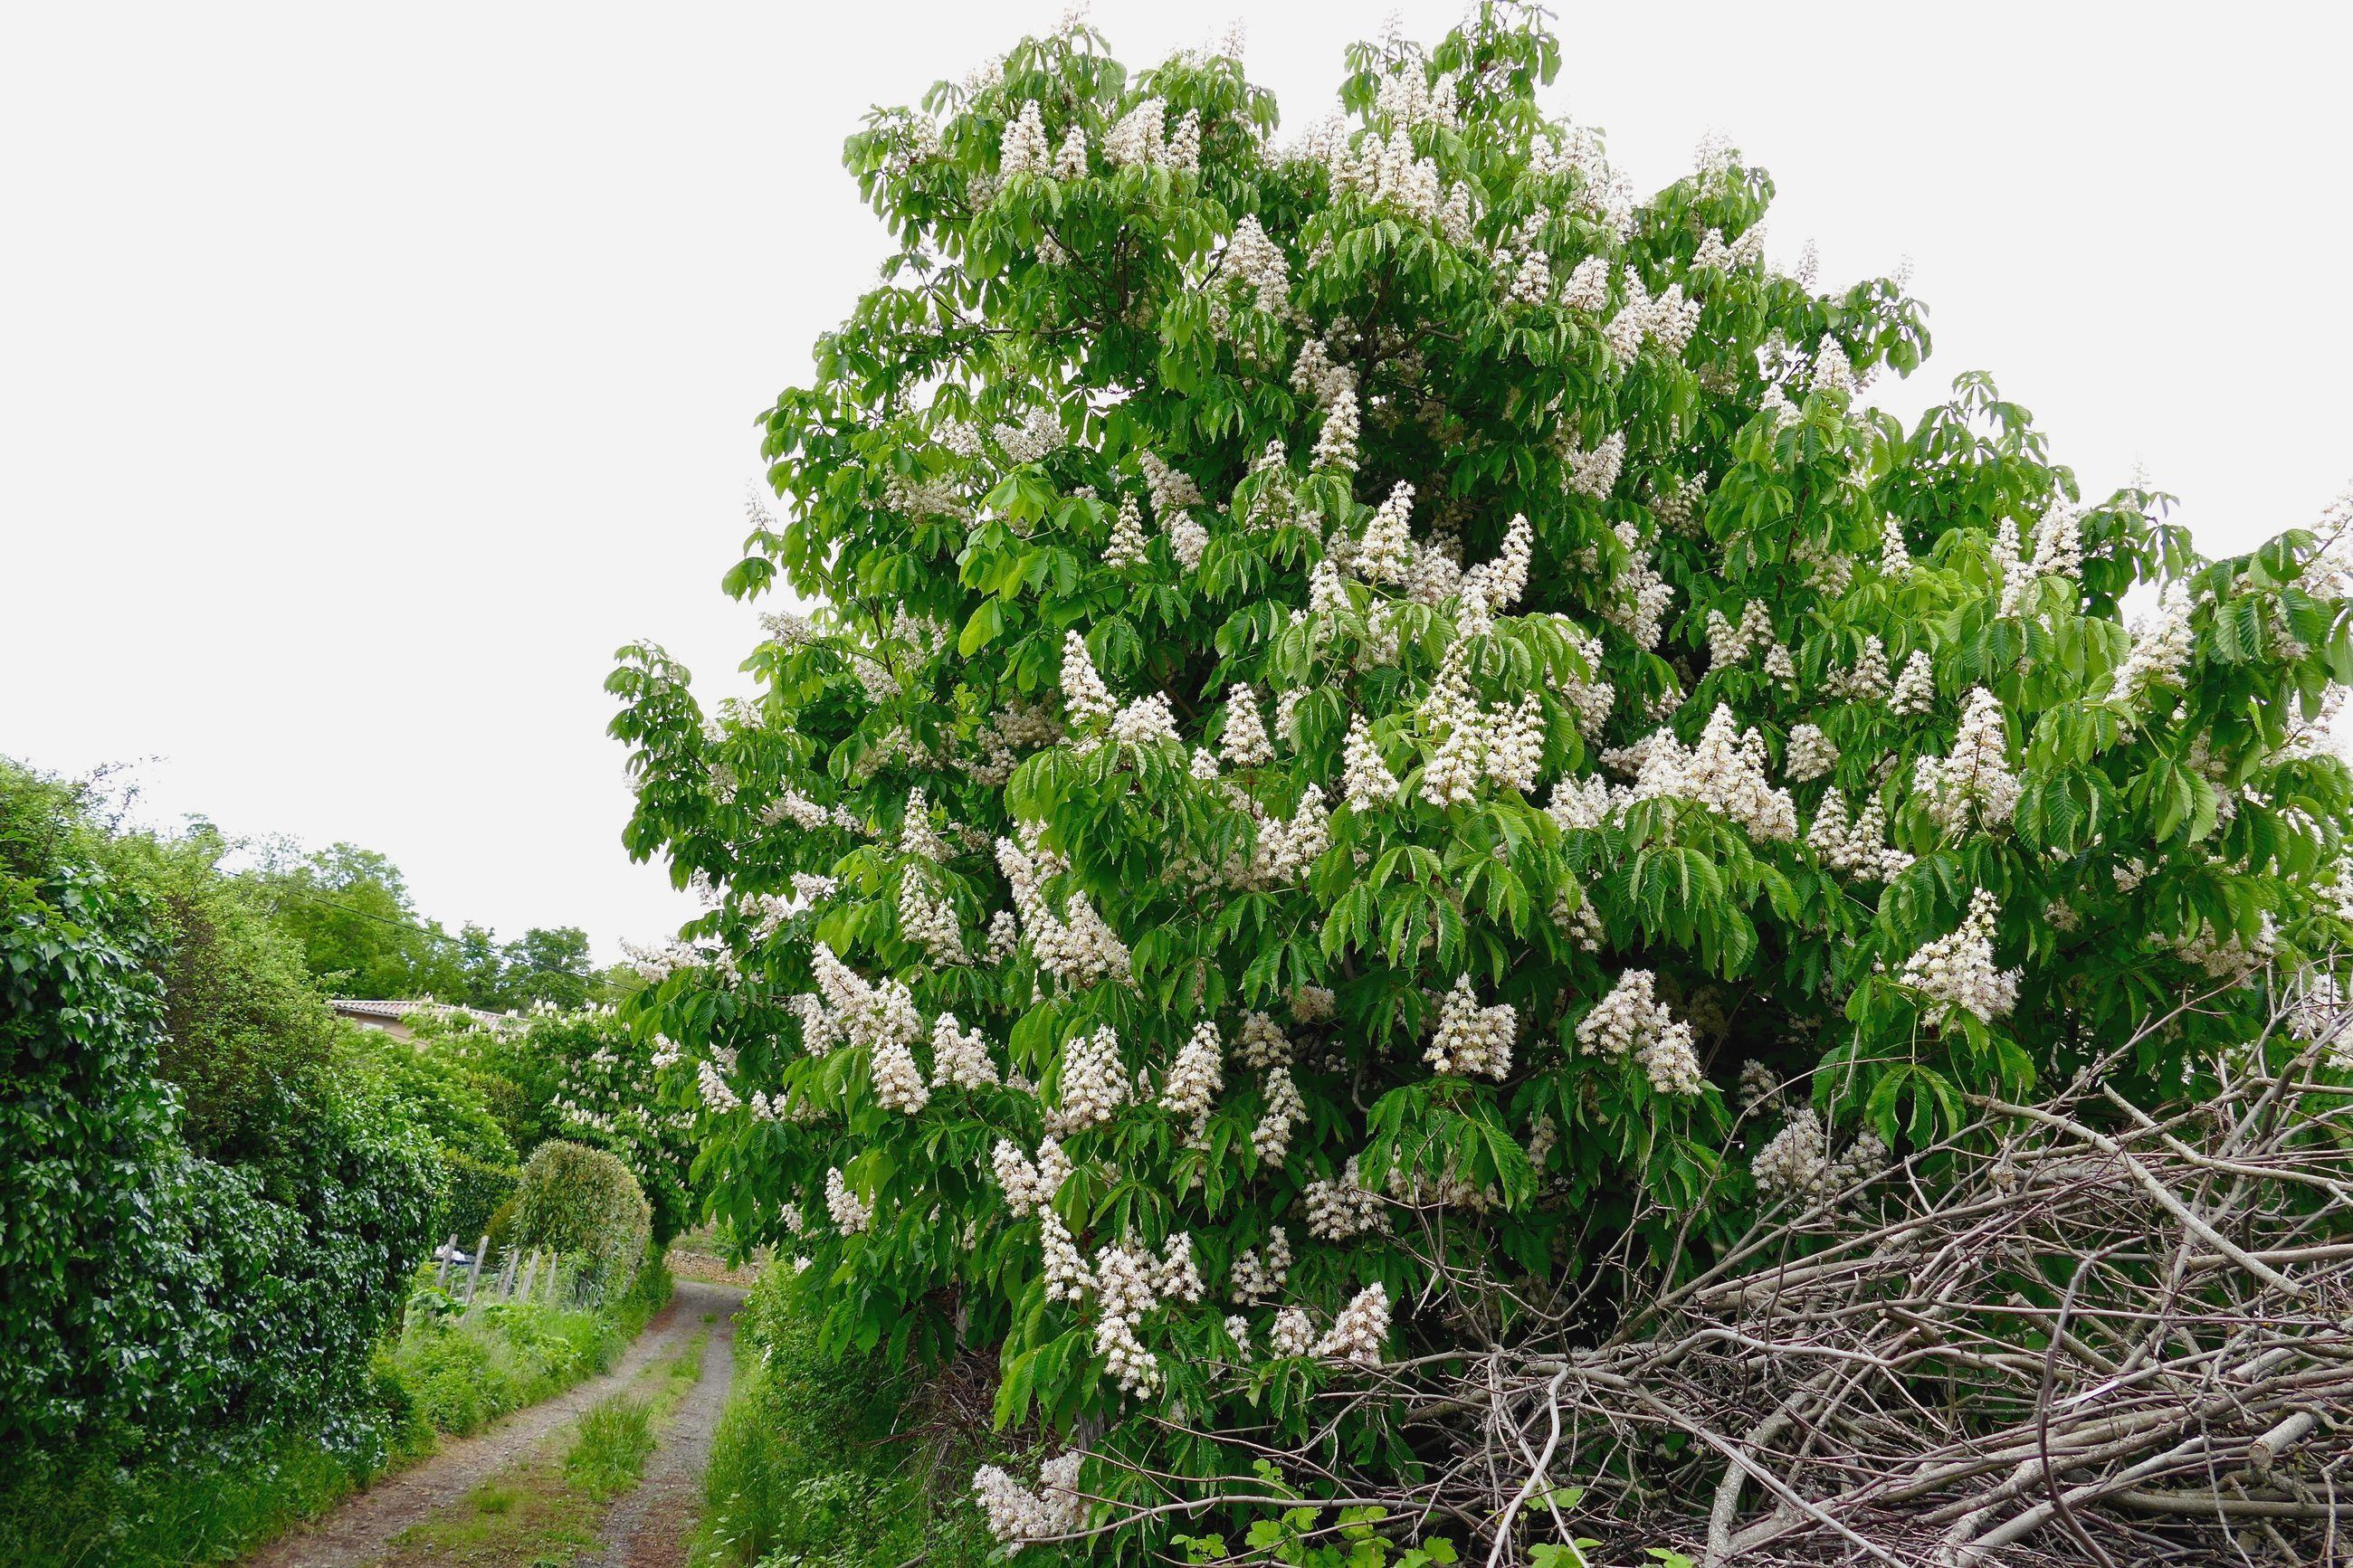 Flowering tree on field against sky